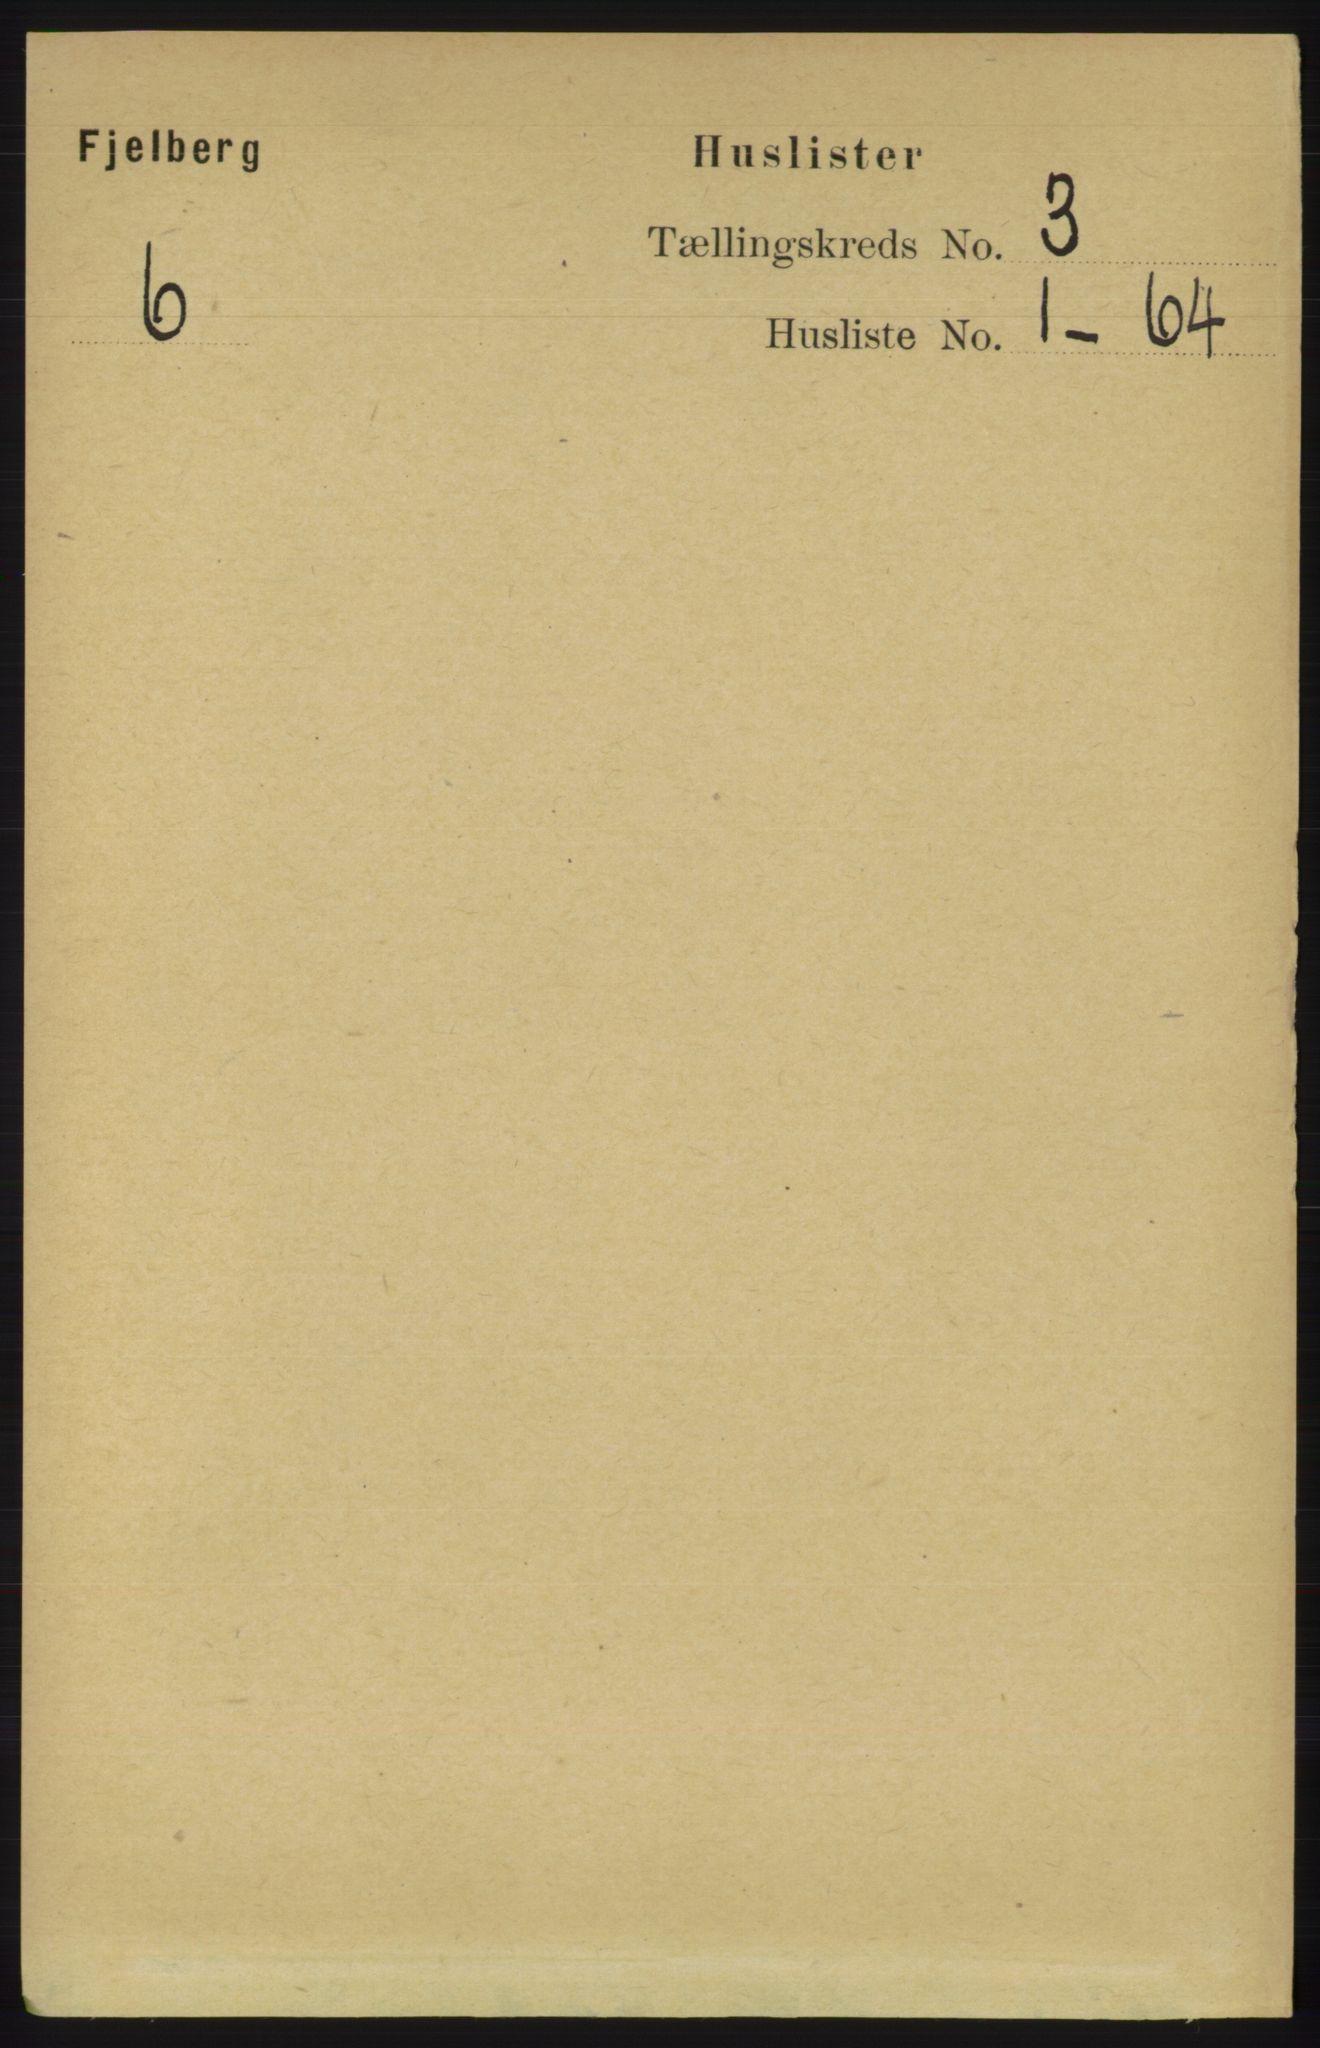 RA, Folketelling 1891 for 1213 Fjelberg herred, 1891, s. 720